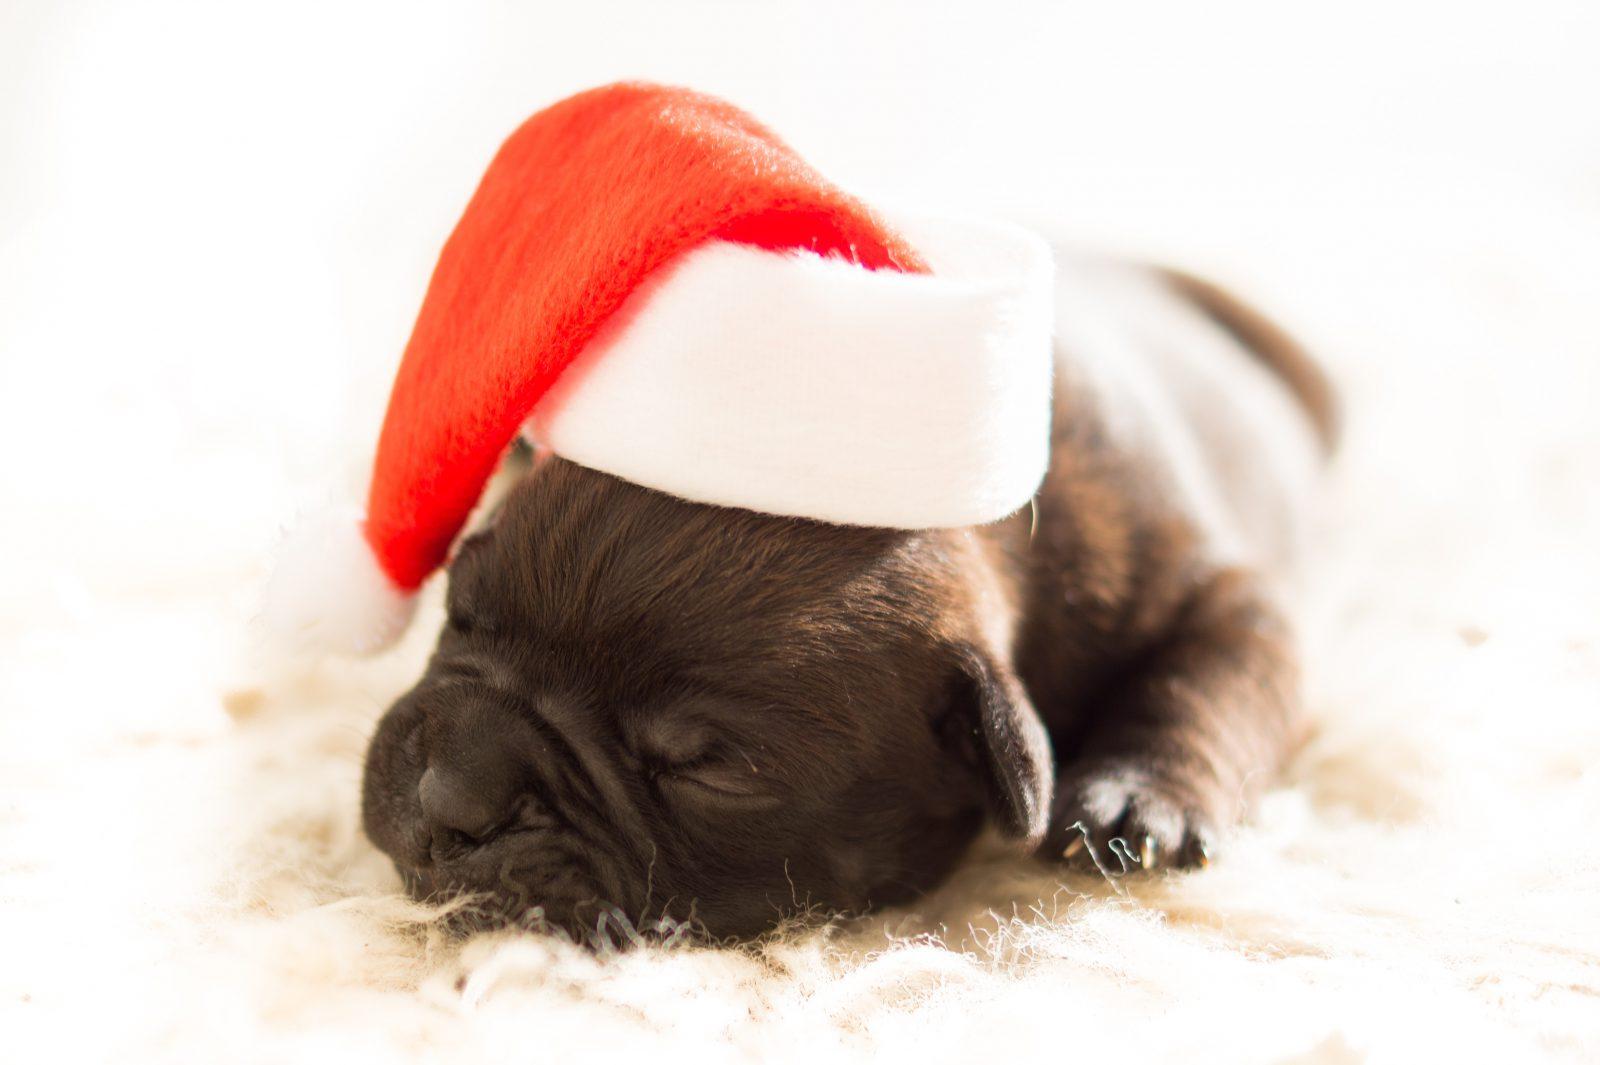 Nomes de cachorros famosos: filhote de buldogue francês tigrado dormindo com uma toca de papai noel